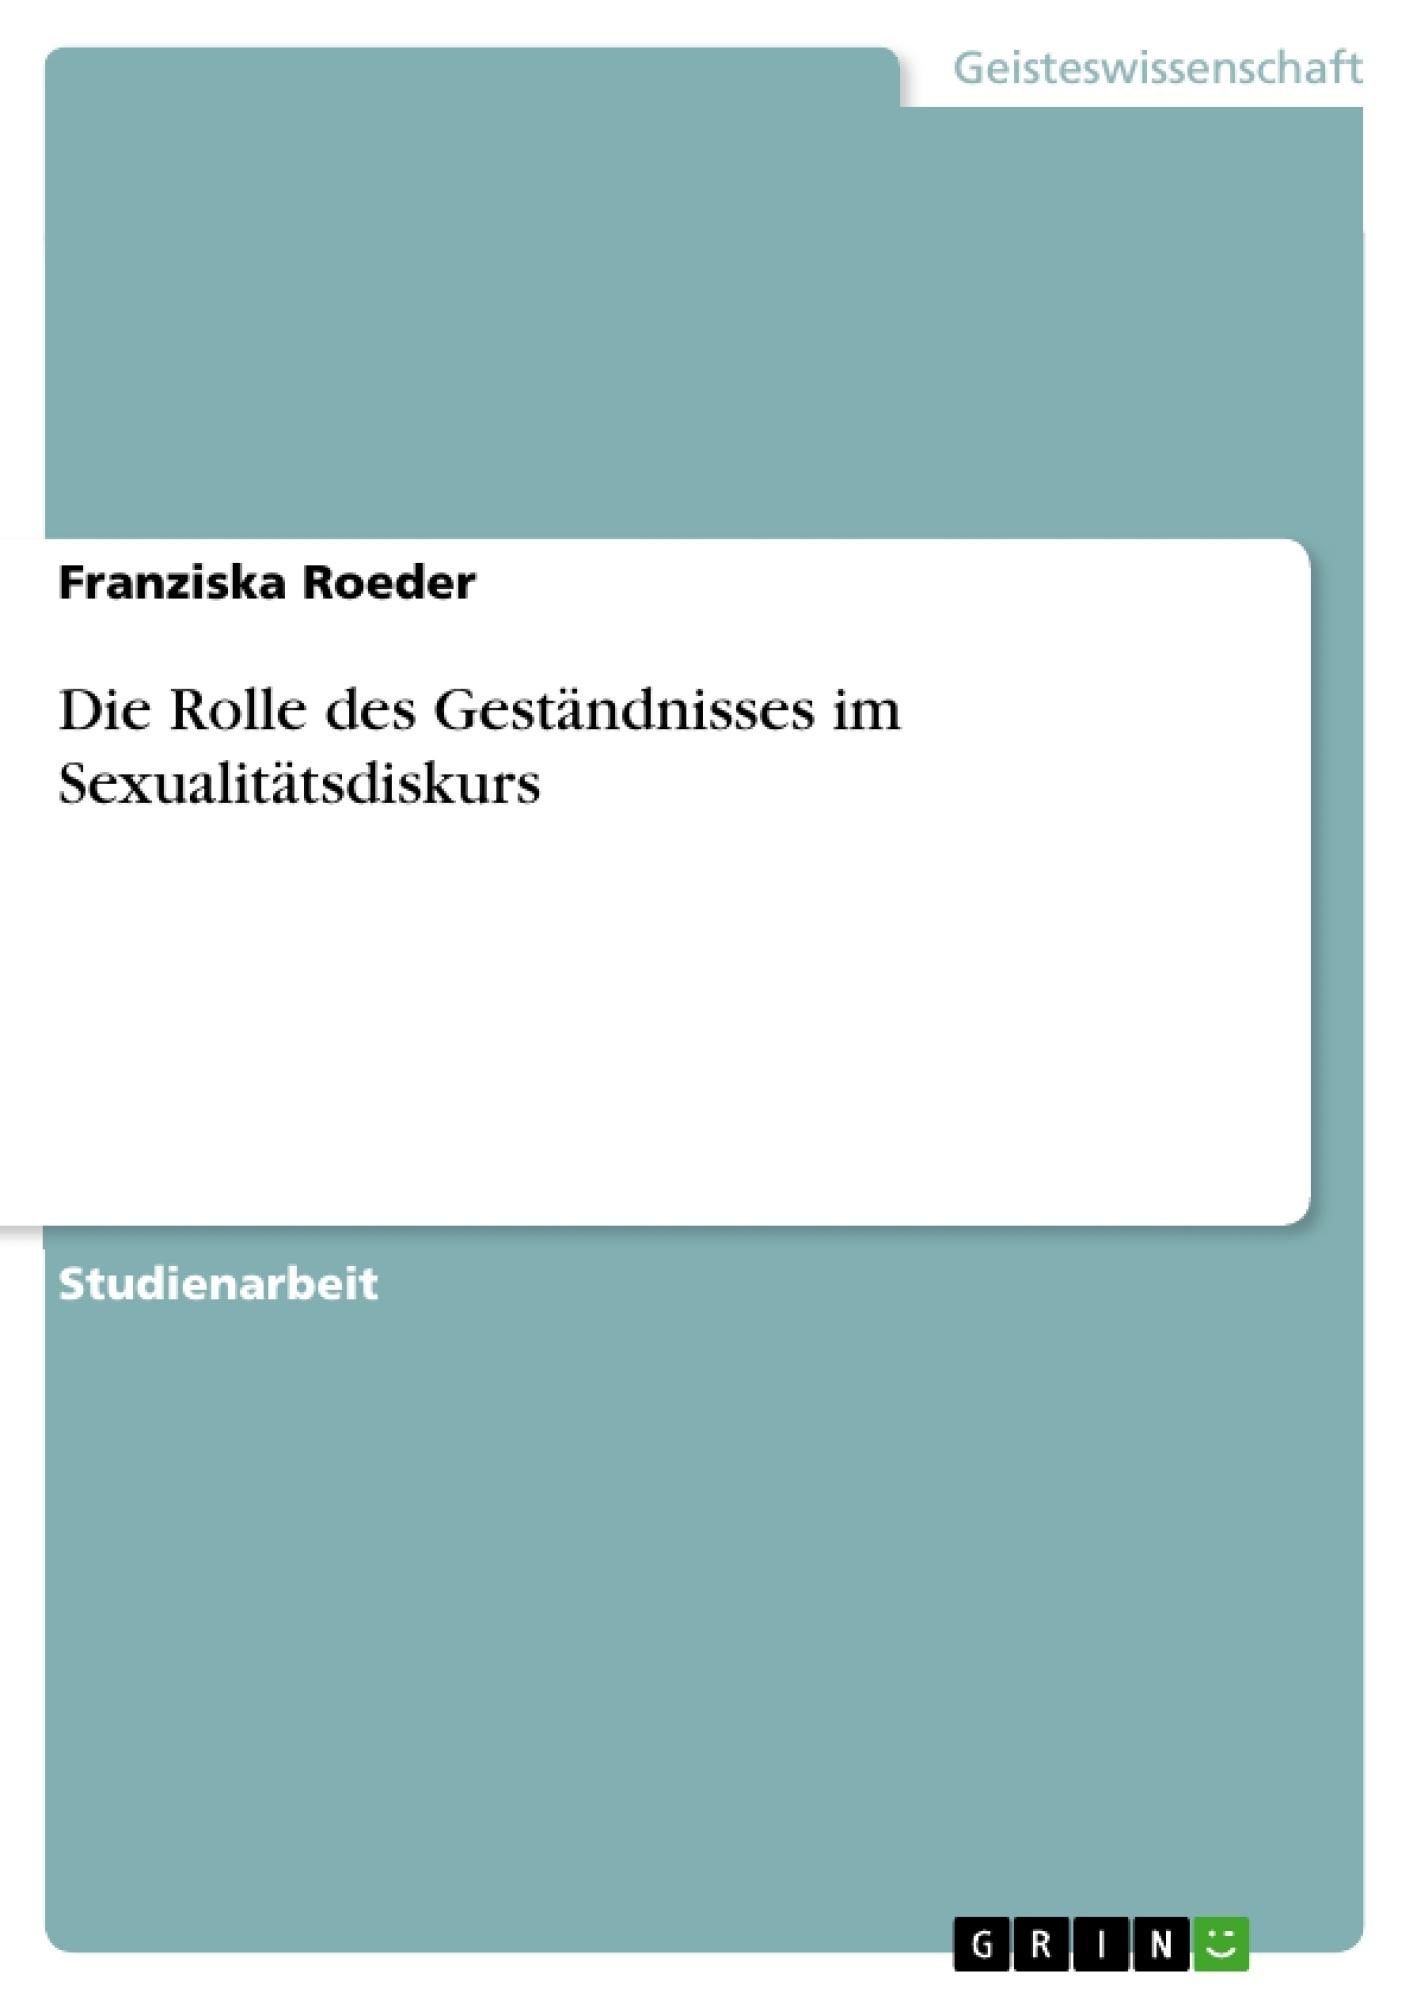 Titel: Die Rolle des Geständnisses im Sexualitätsdiskurs